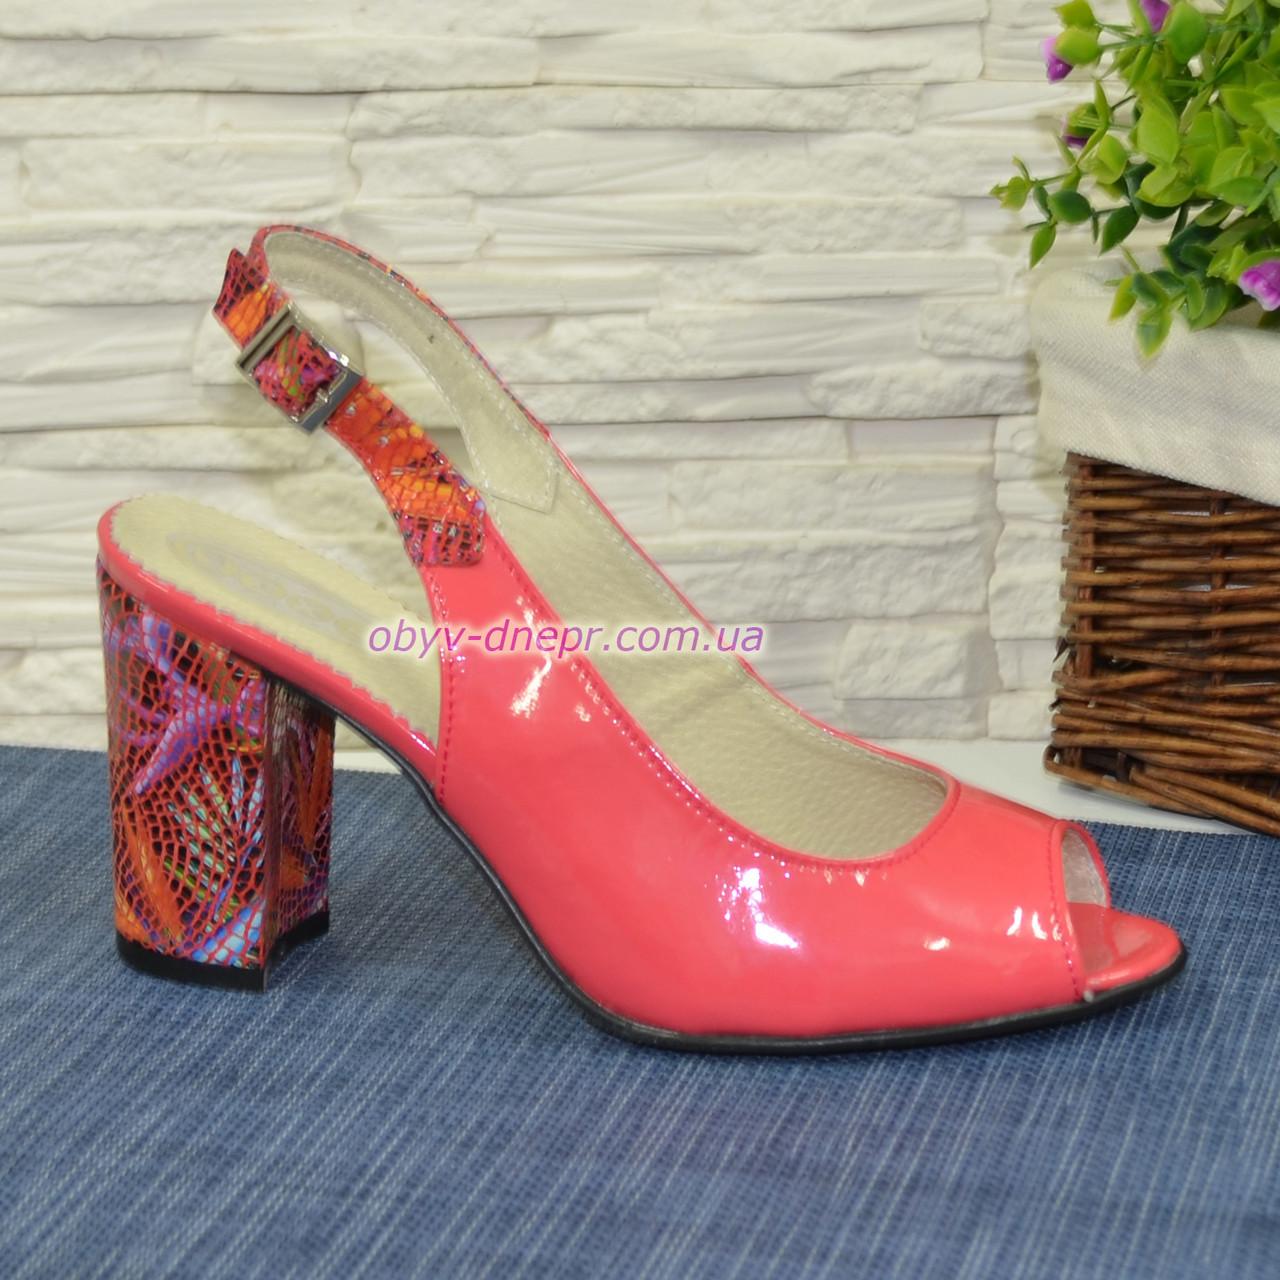 Босоножки комбинированные на устойчивом каблуке, цвет коралл